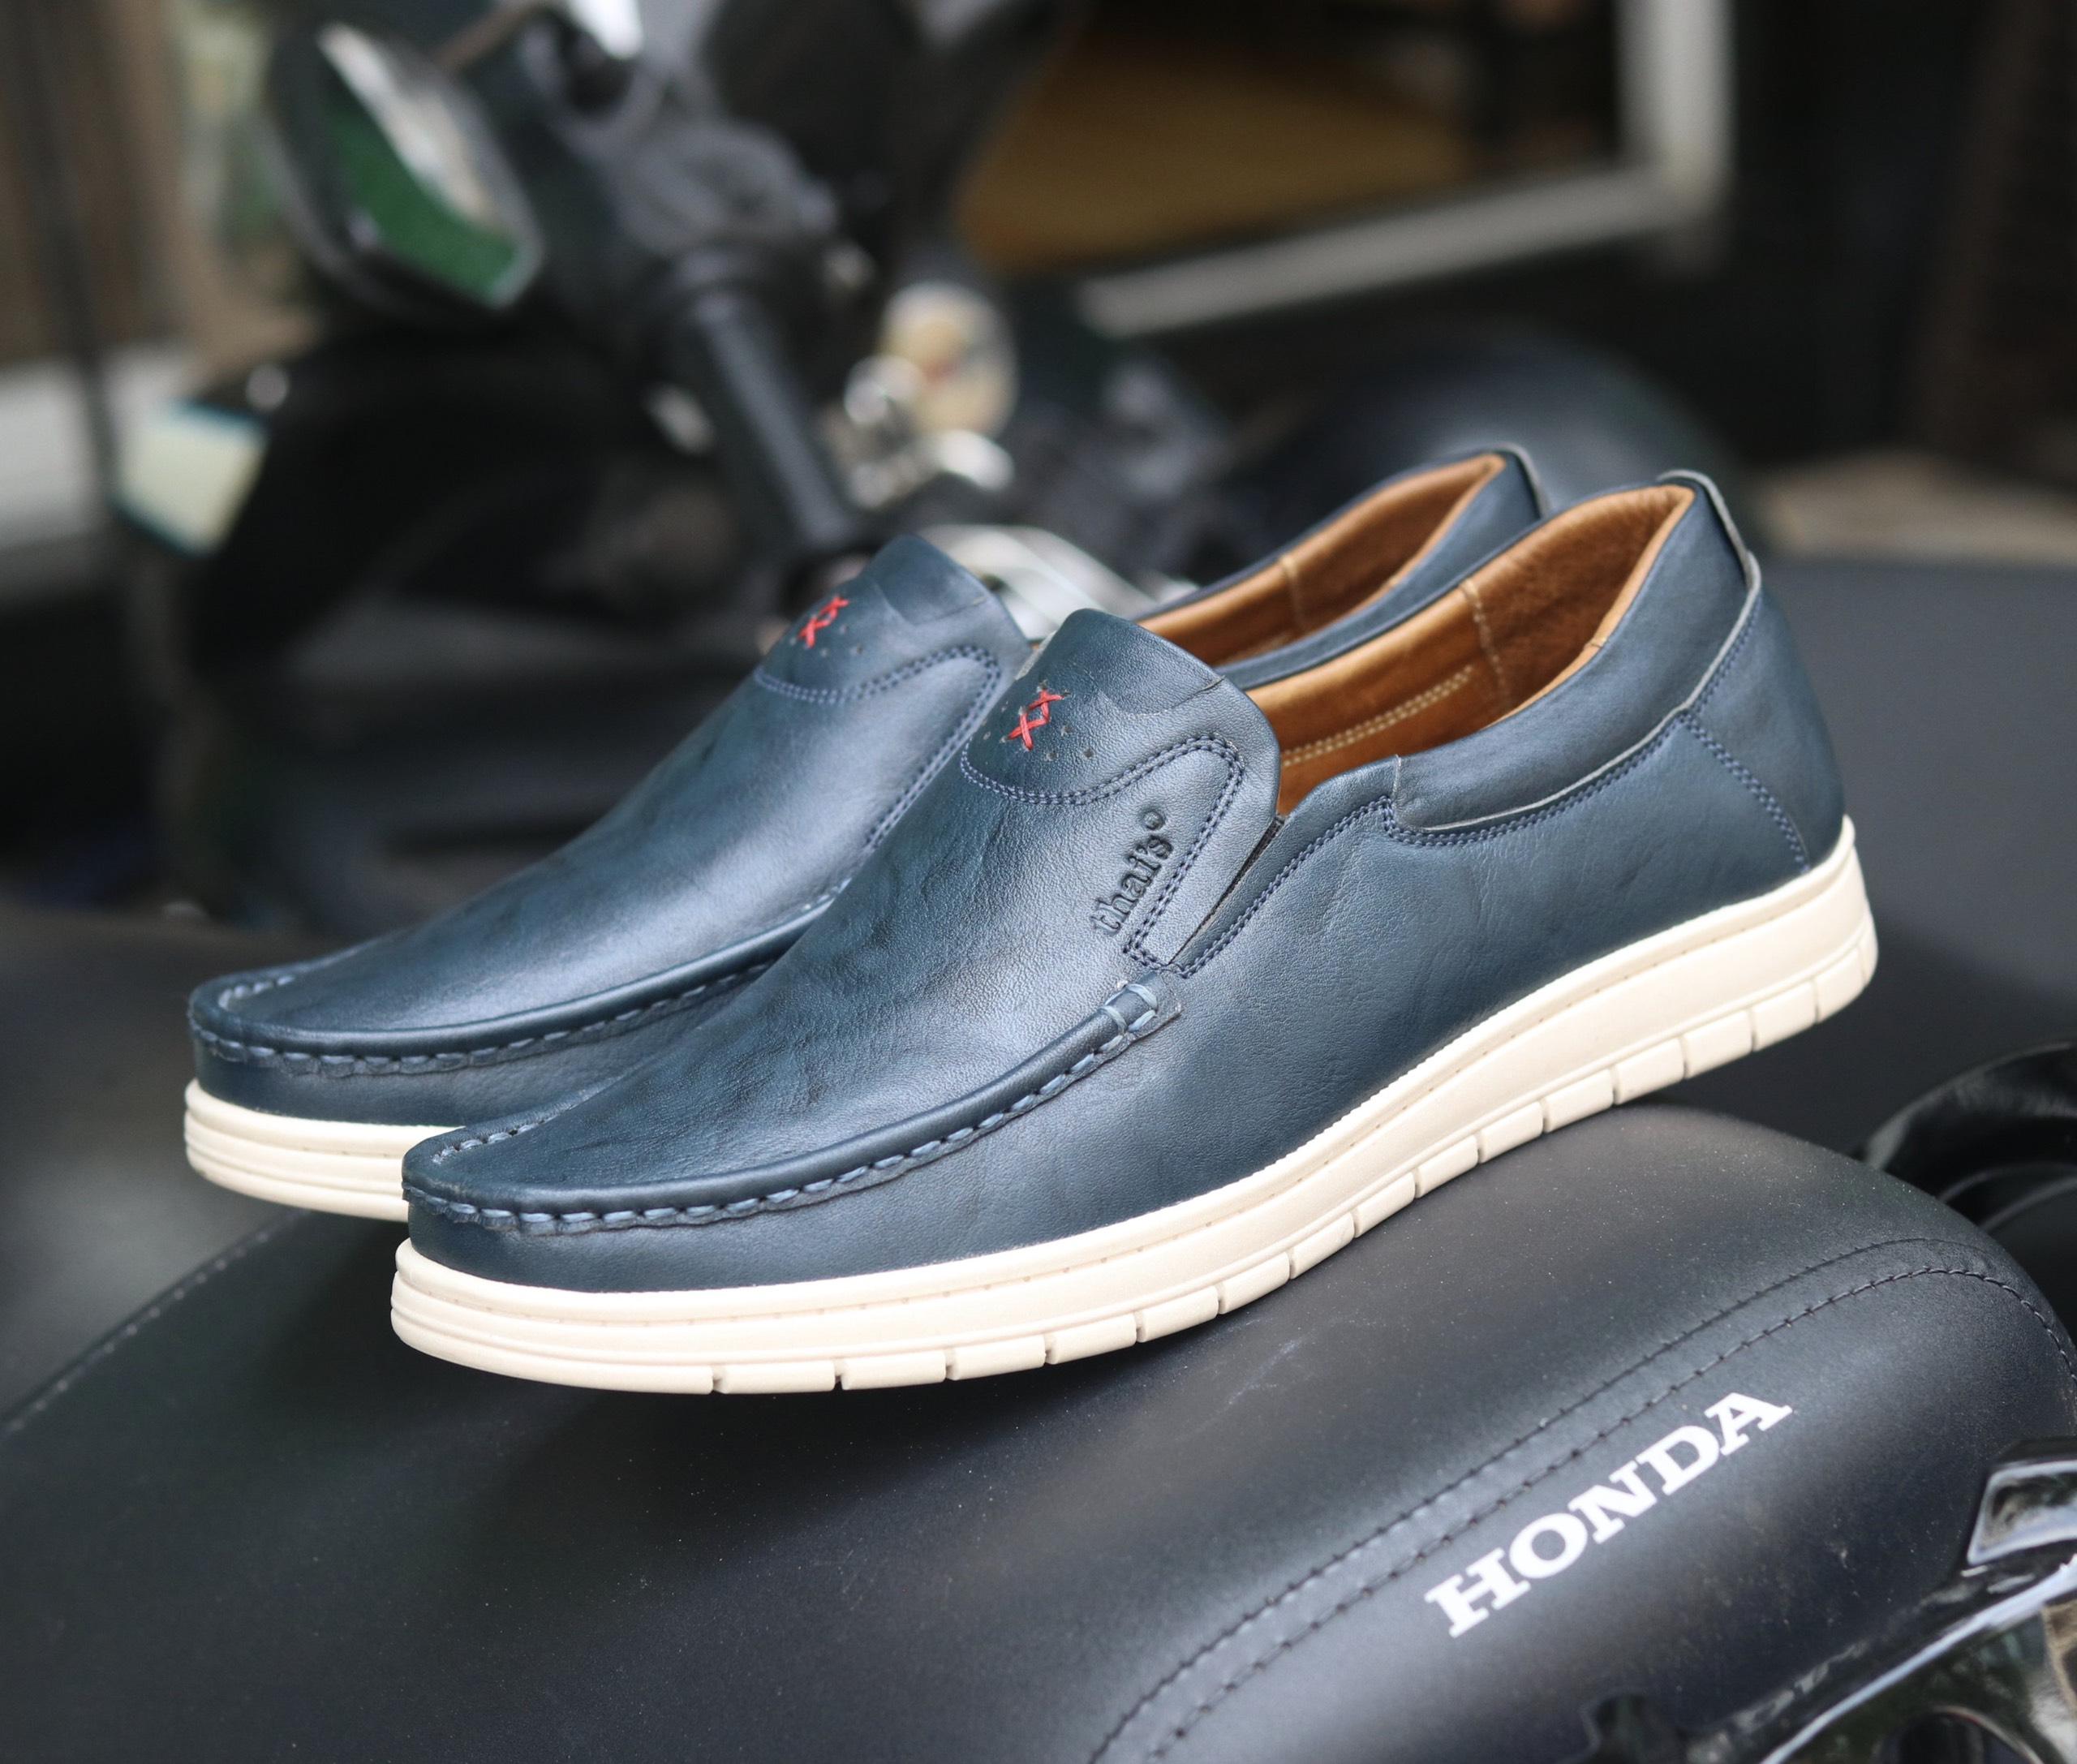 Giày lười da Thái Lan đẹp sang trọng TH04 (Ảnh 1)